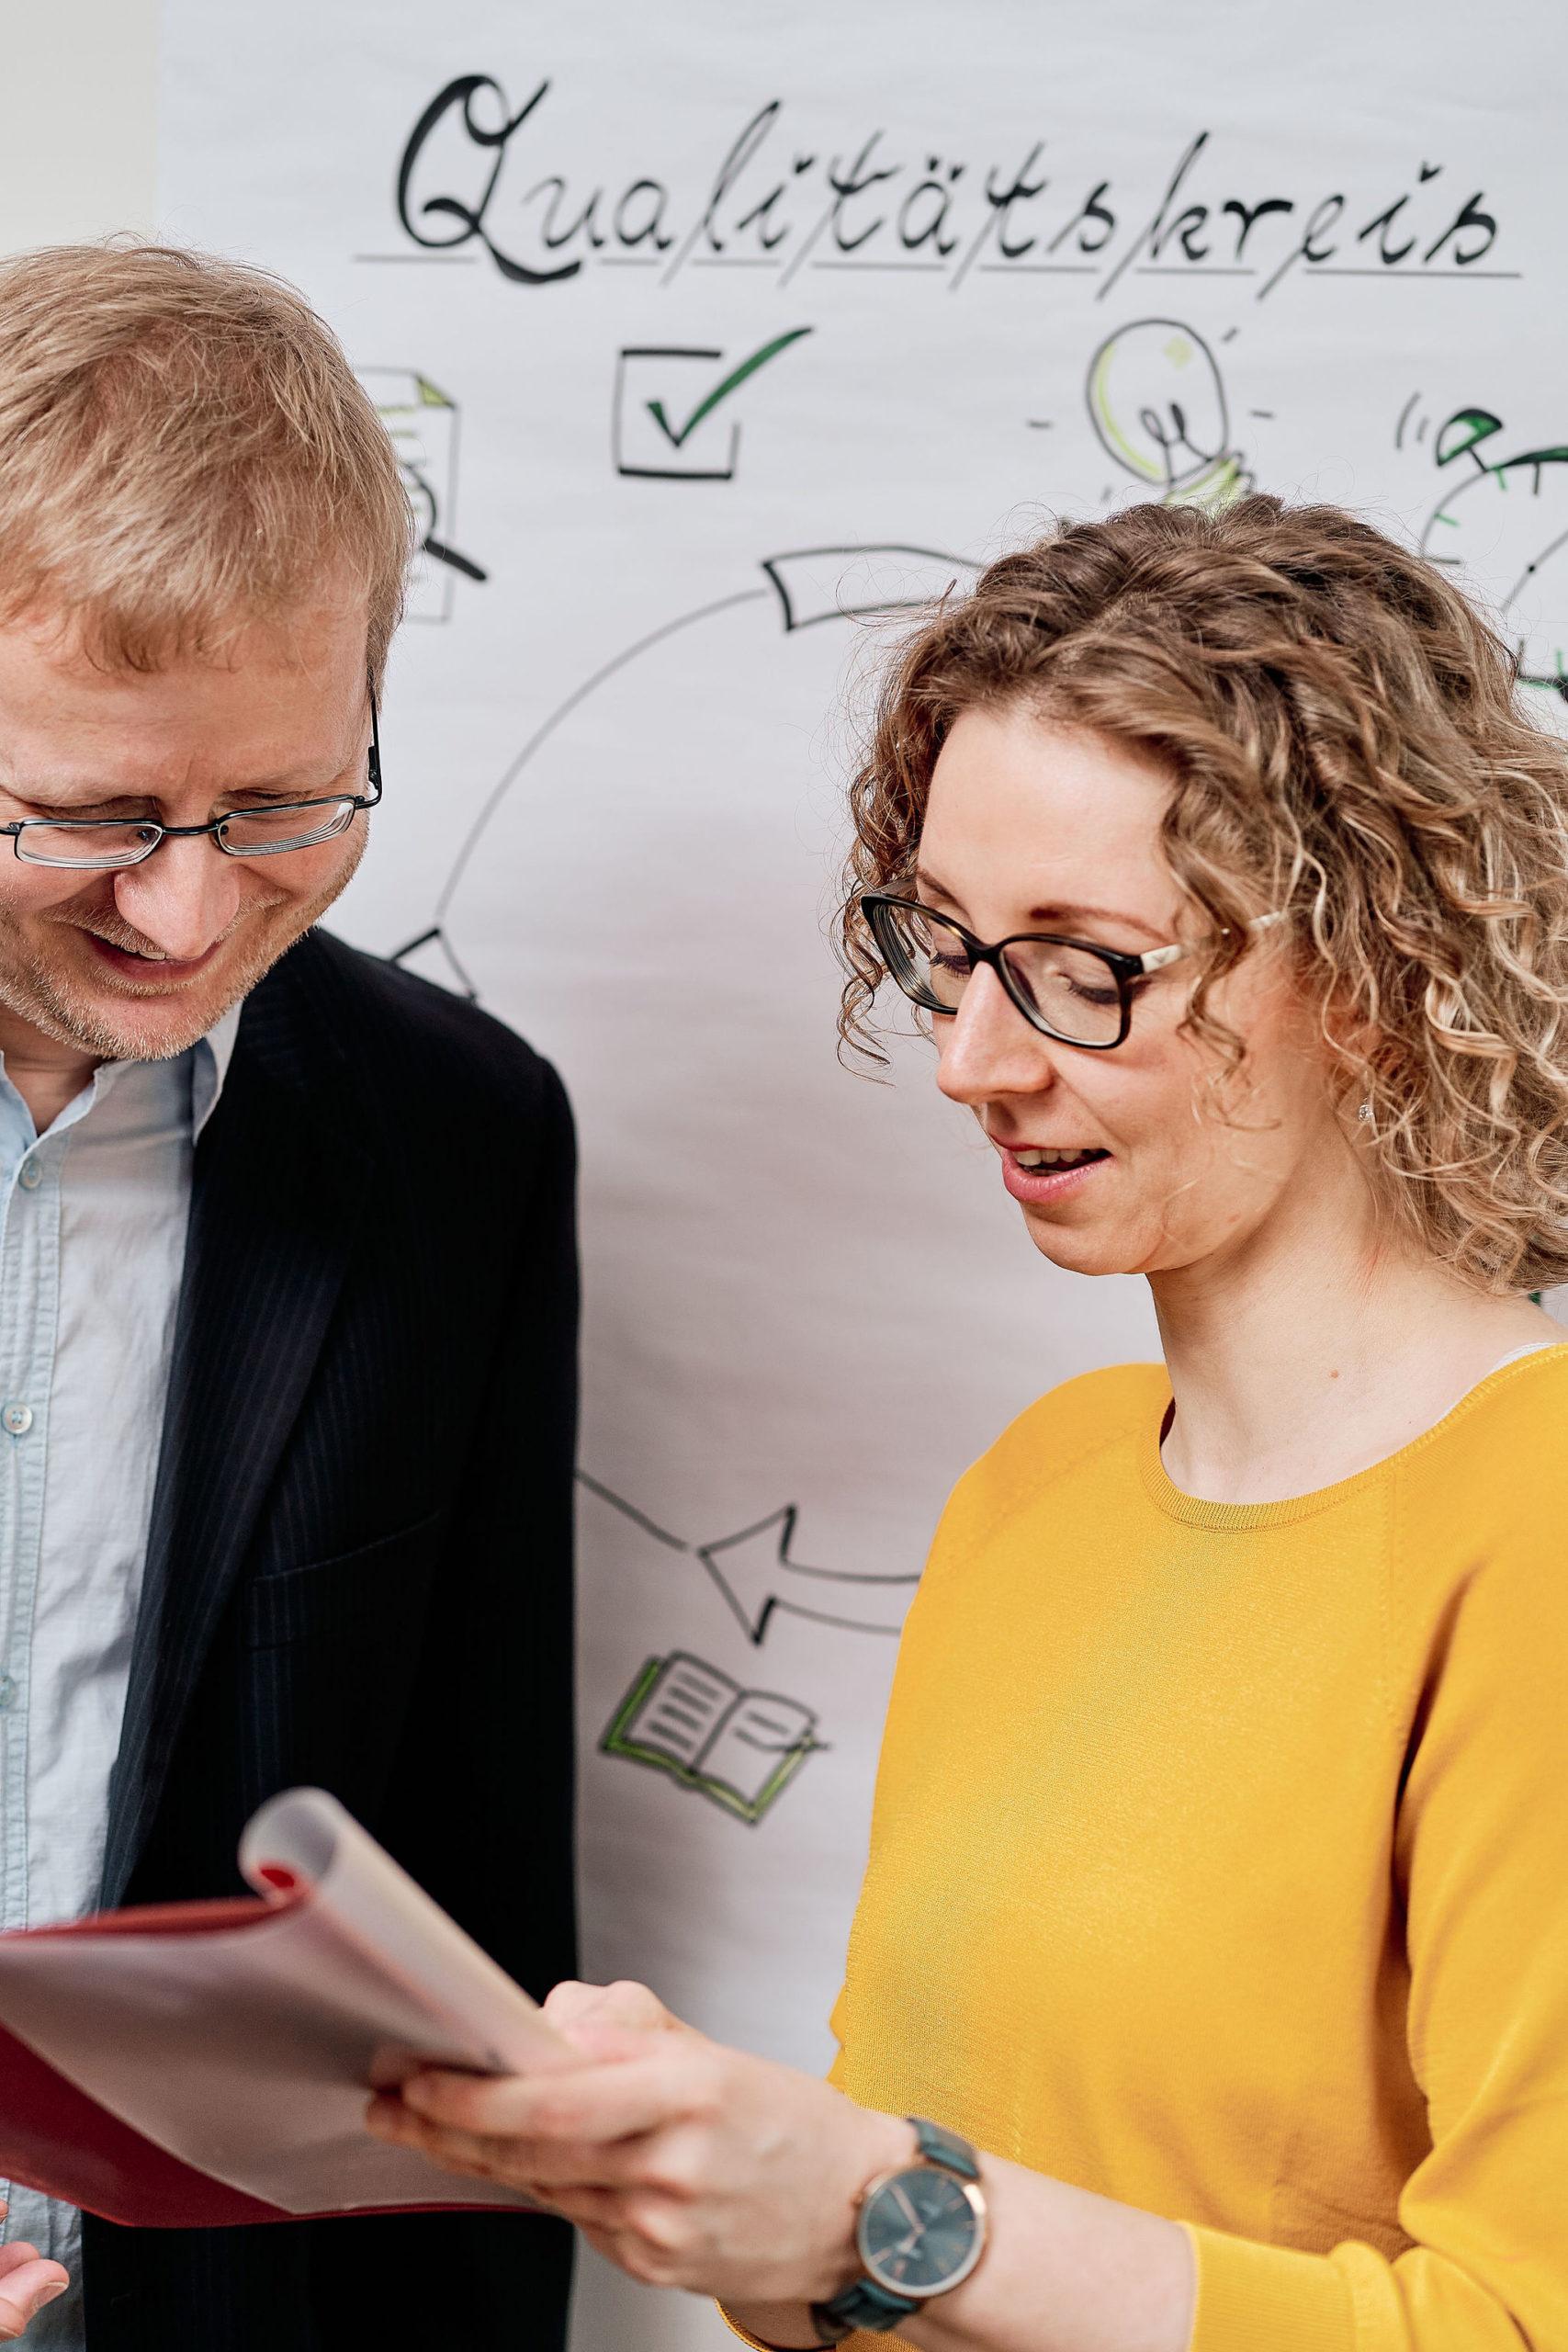 Eine Frau und ein Mann unterhalten sich vor einem gezeichneten Qualitätskreislauf